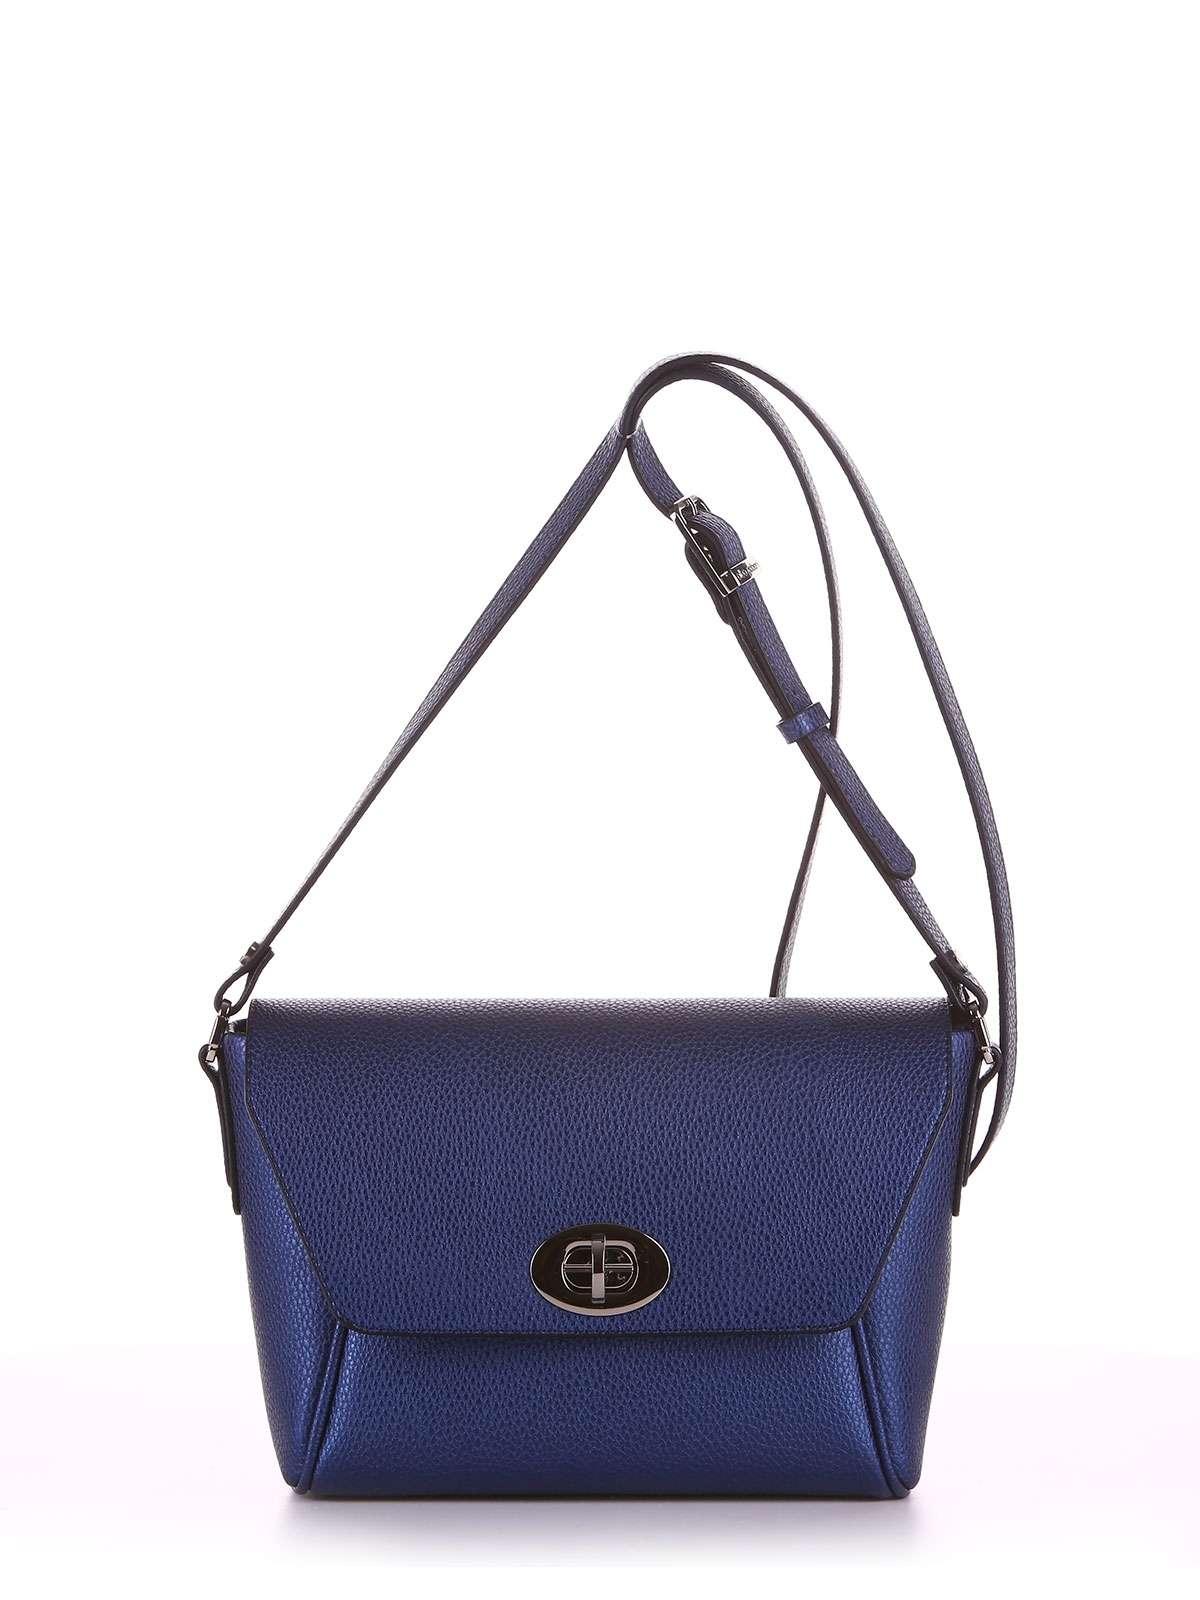 6e279e7cf2fa Новинка! Жіноча сумка маленька, модель 180326 синій, купити в Чернівцях.